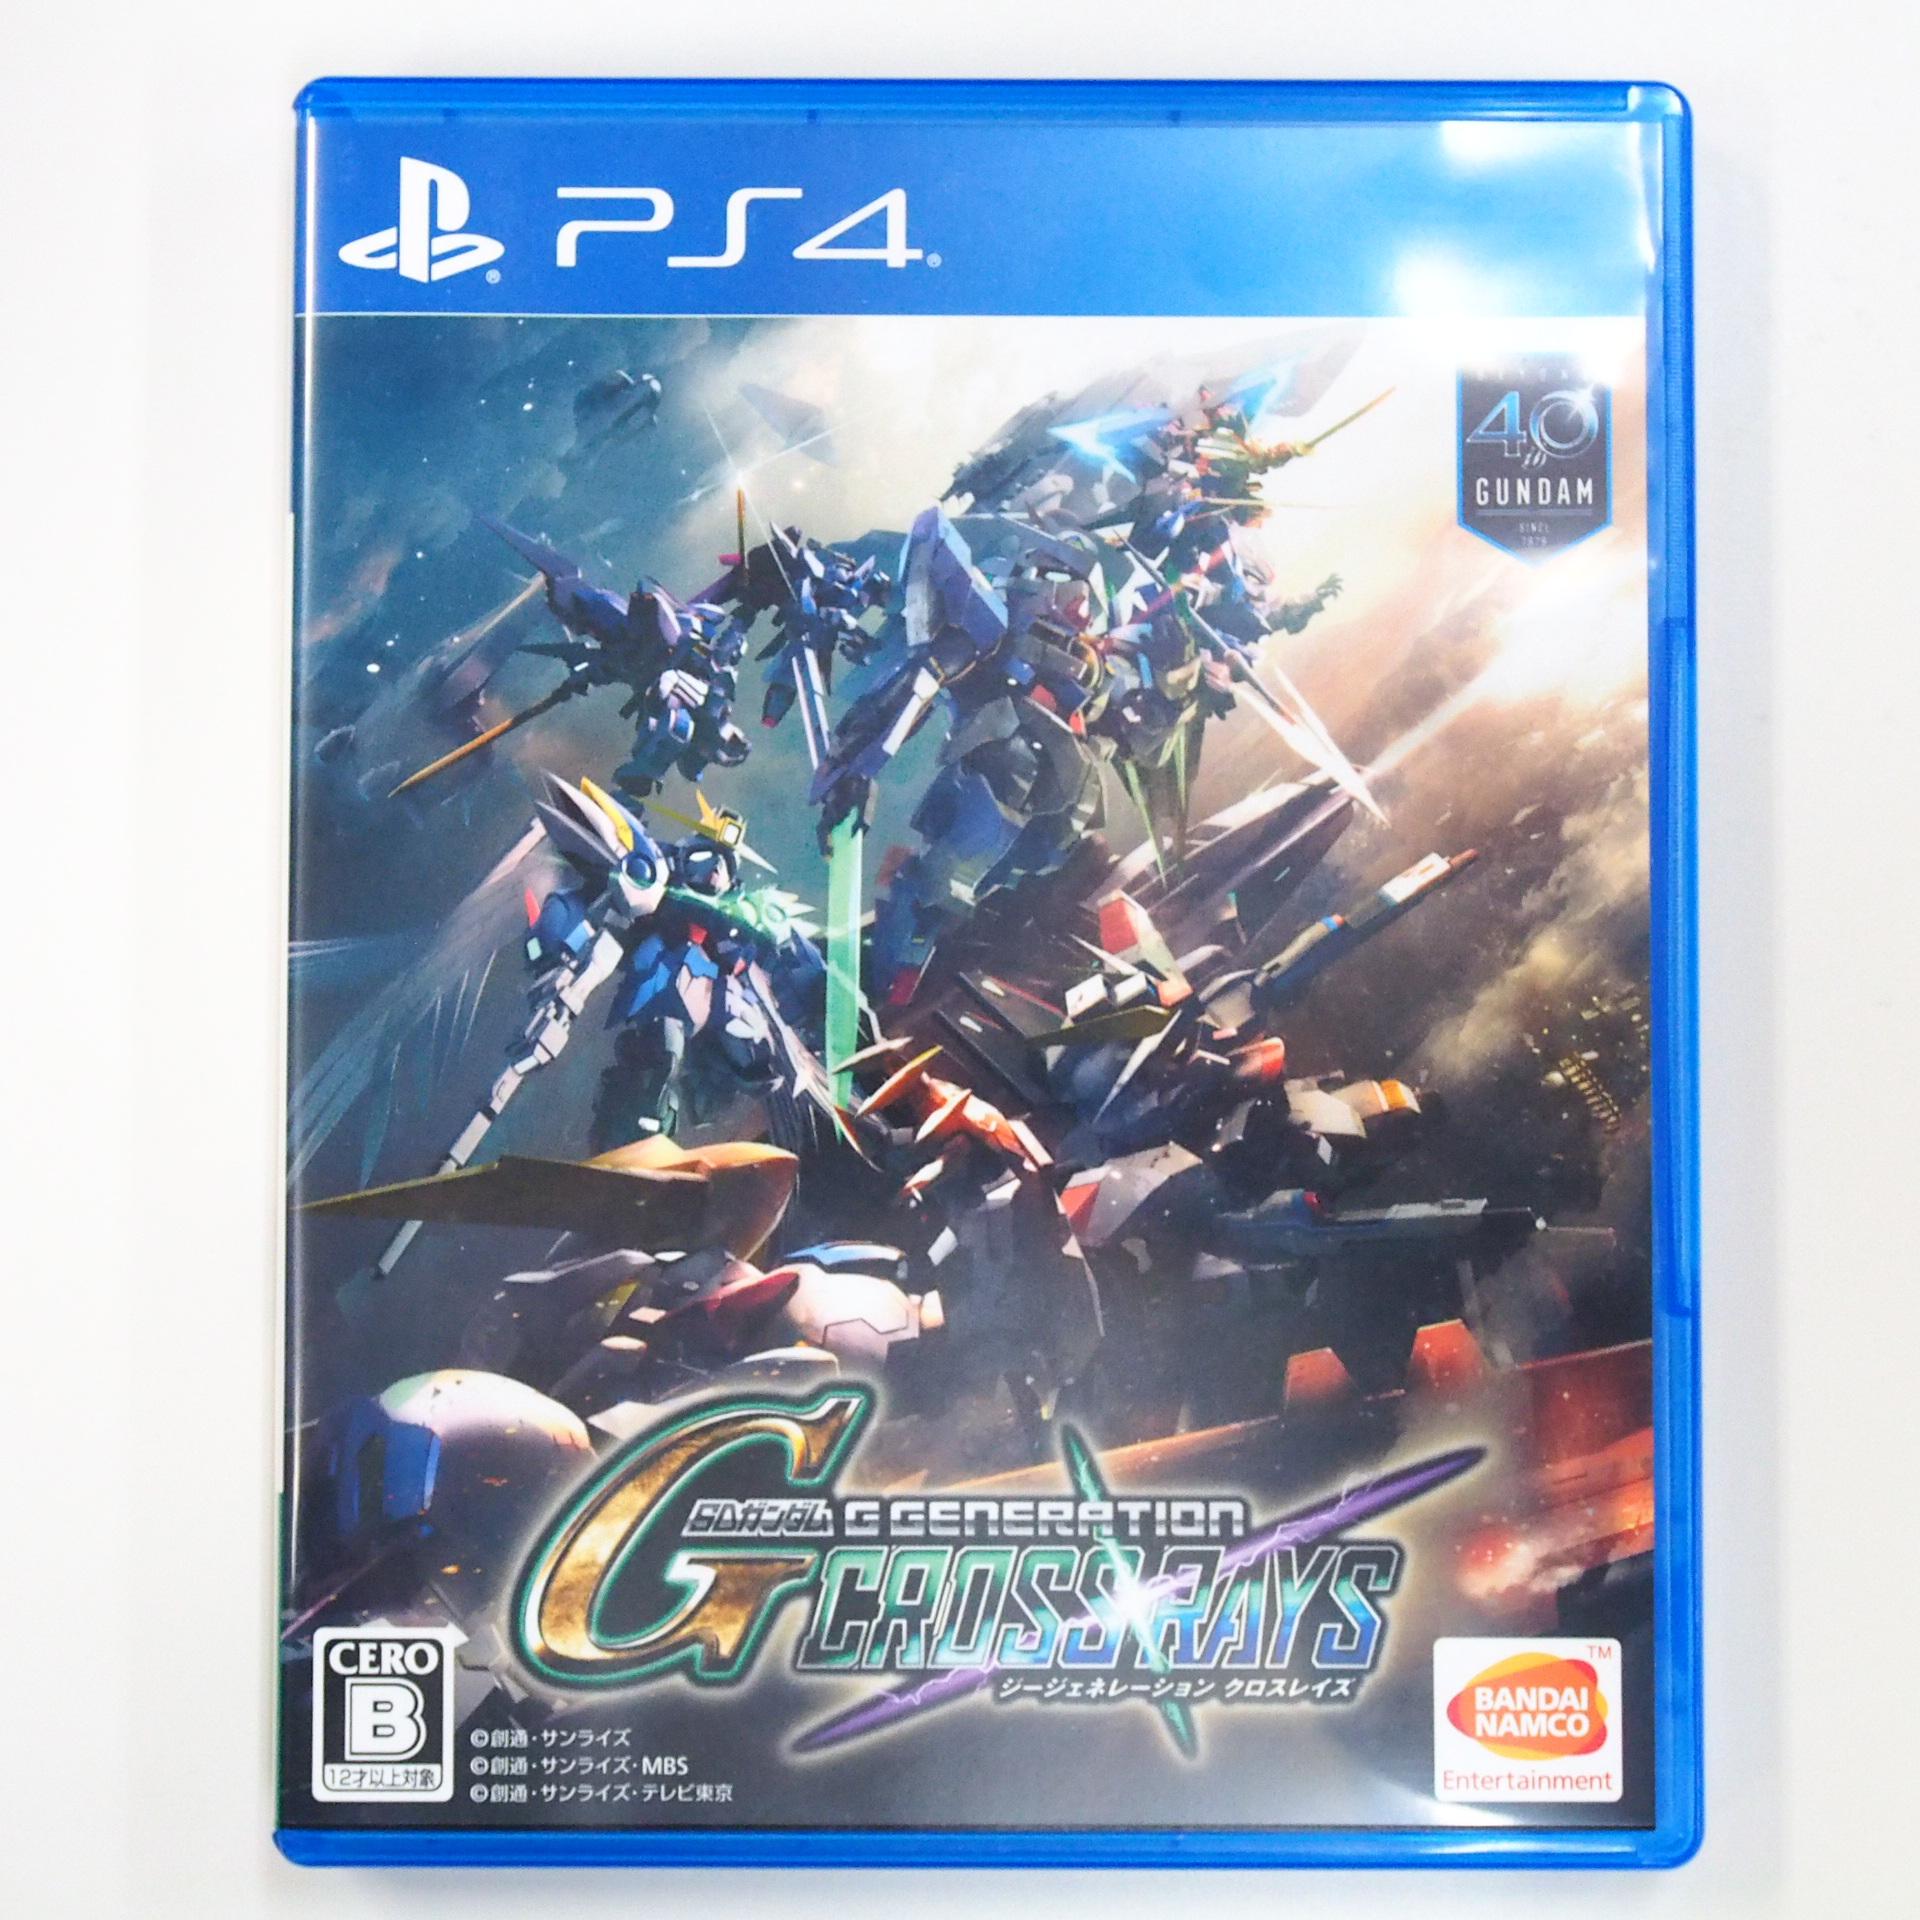 PS4 SDガンダム ジージェネレーション クロスレイズ